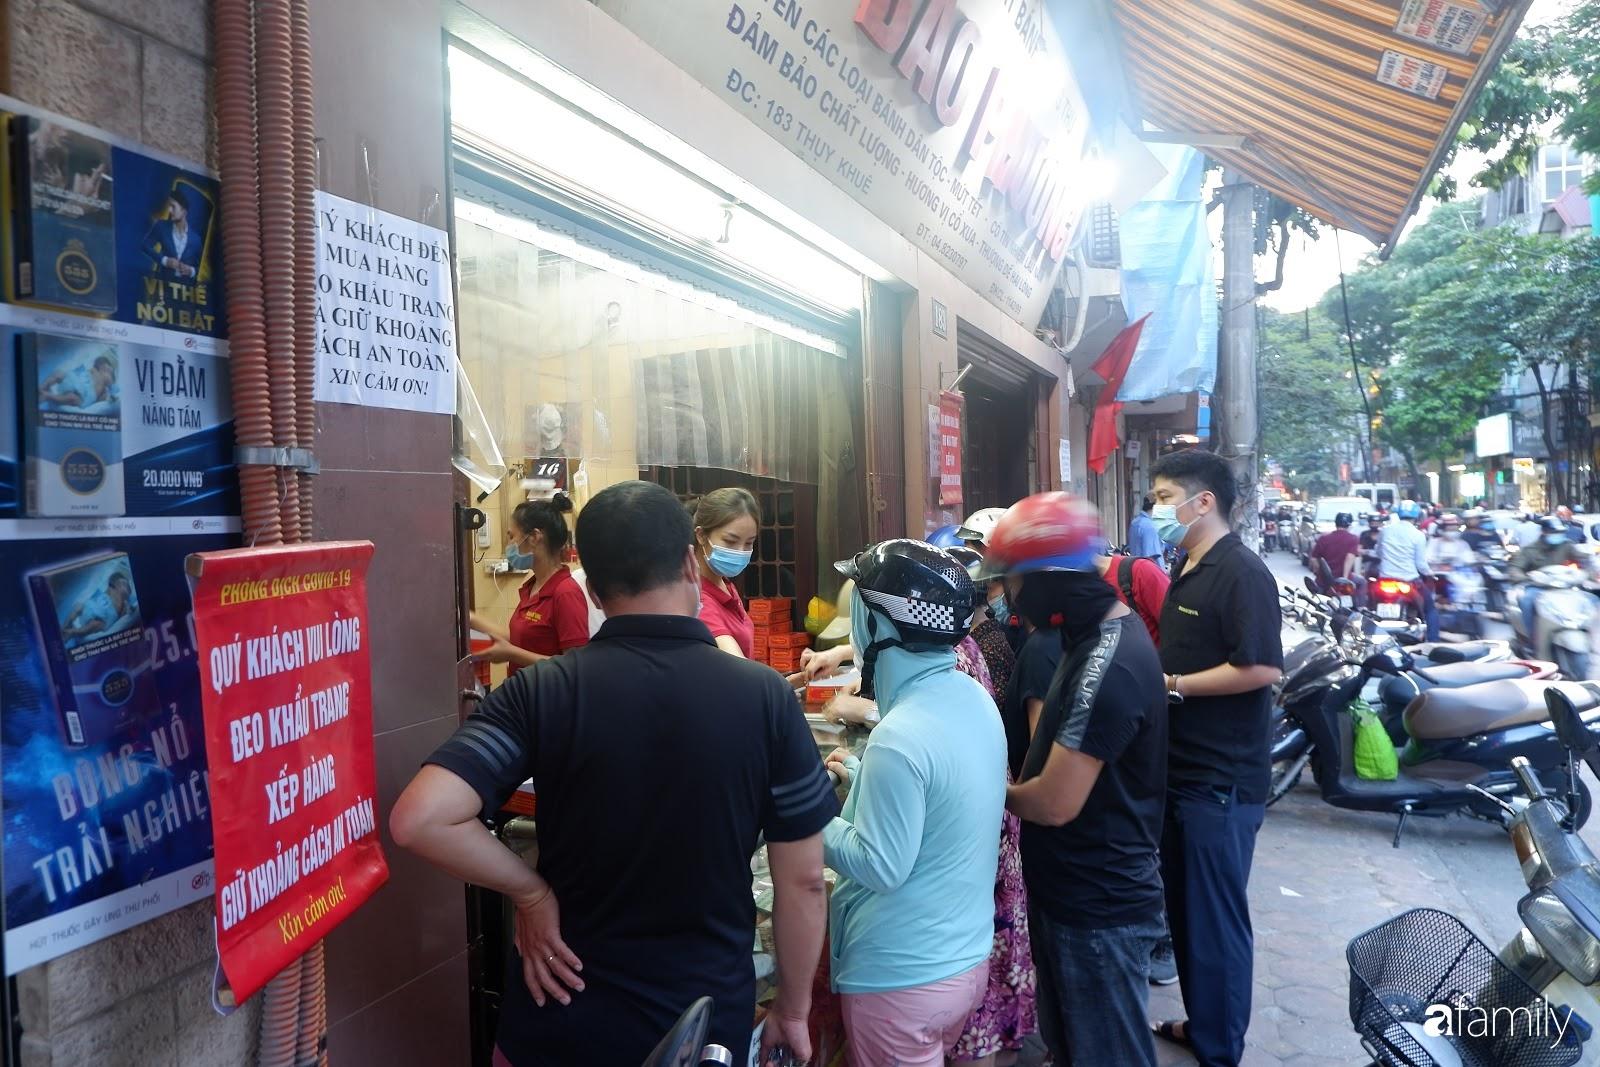 Đến hẹn lại lên, người Hà Nội xếp hàng chờ đến lượt mua tại các cửa hàng bánh Trung thu cổ truyền - Ảnh 3.